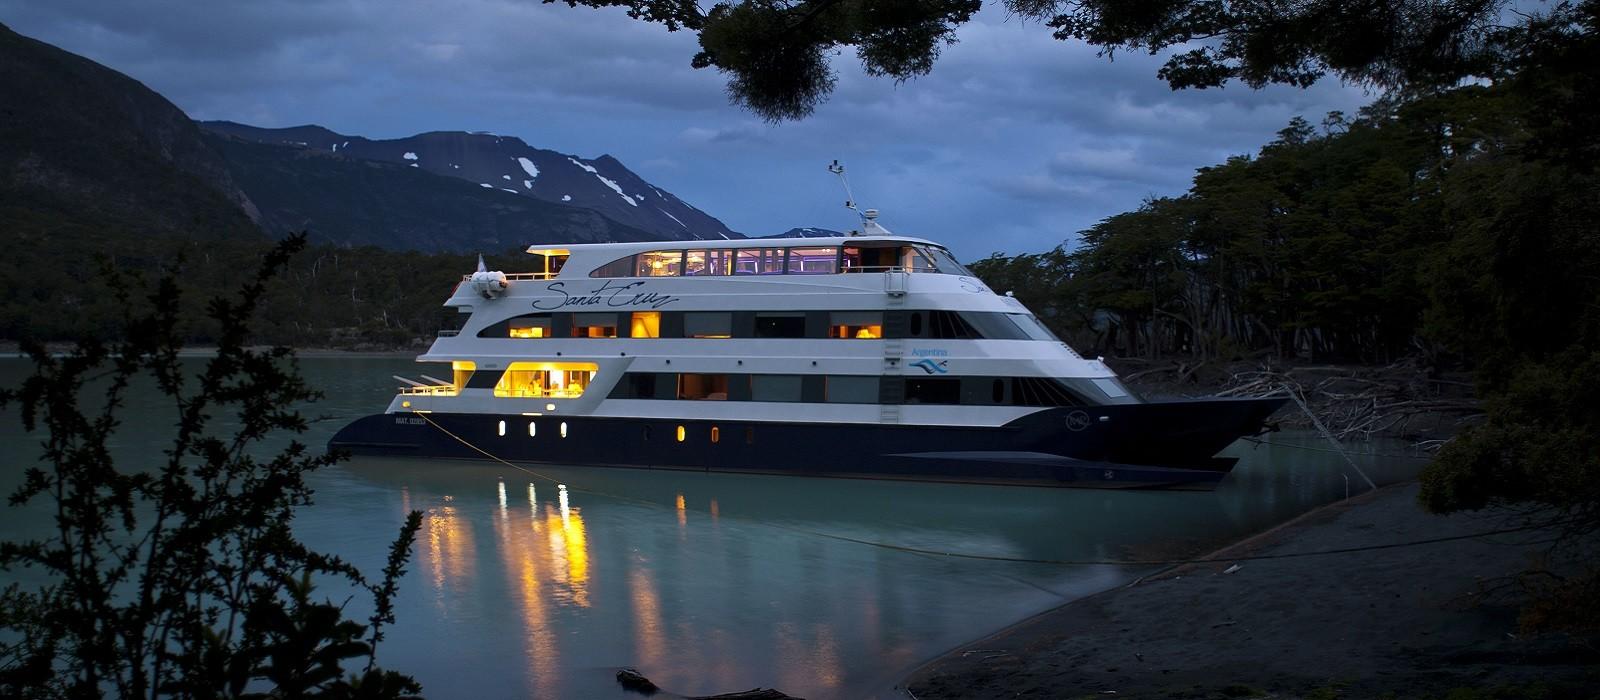 Hotel Santa Cruz Cruise by Marpatag Argentinien